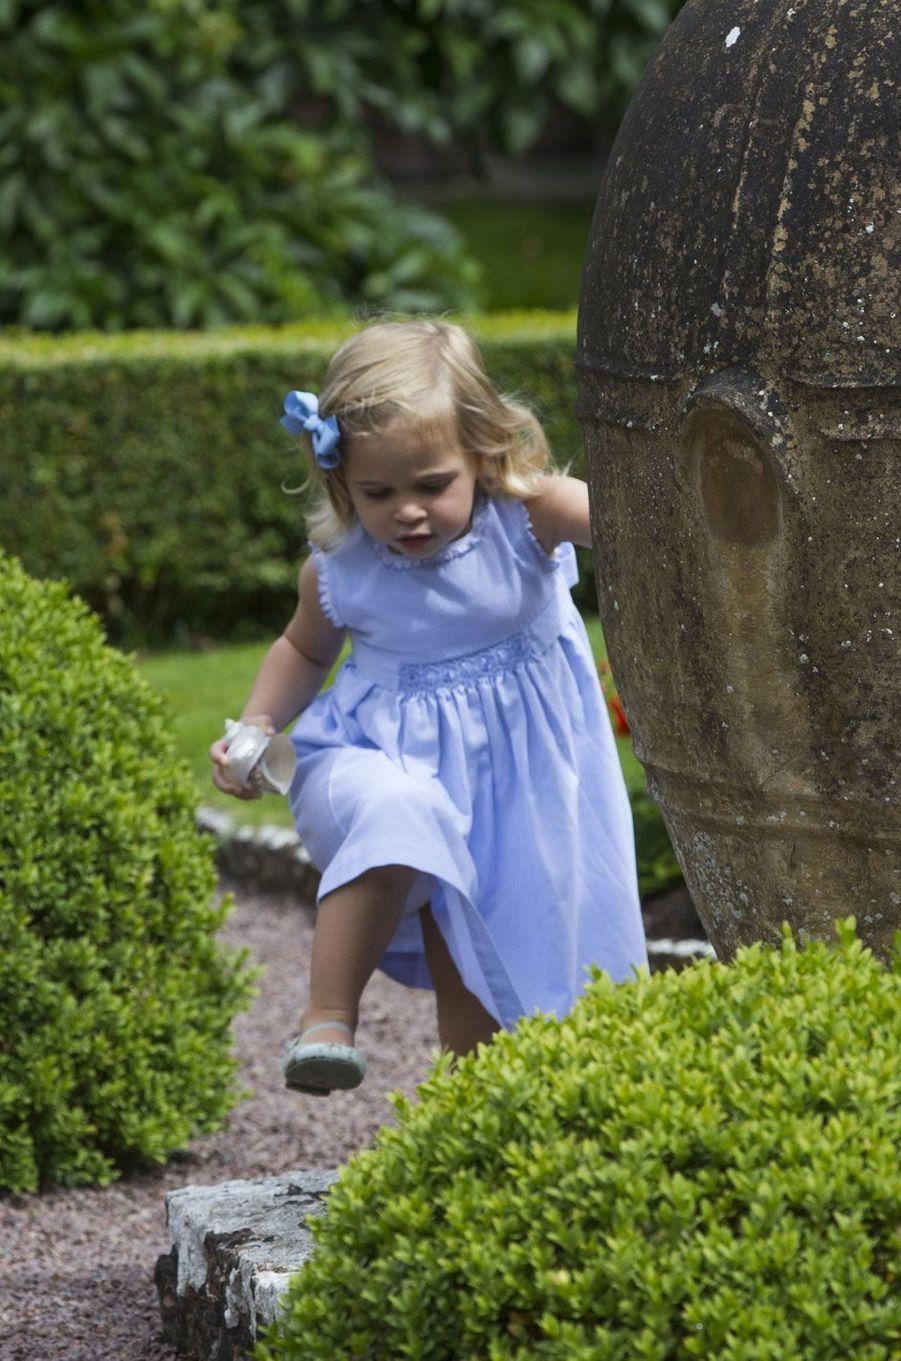 La petite Leonore préfère s'amuser dans les jardins de Solliden